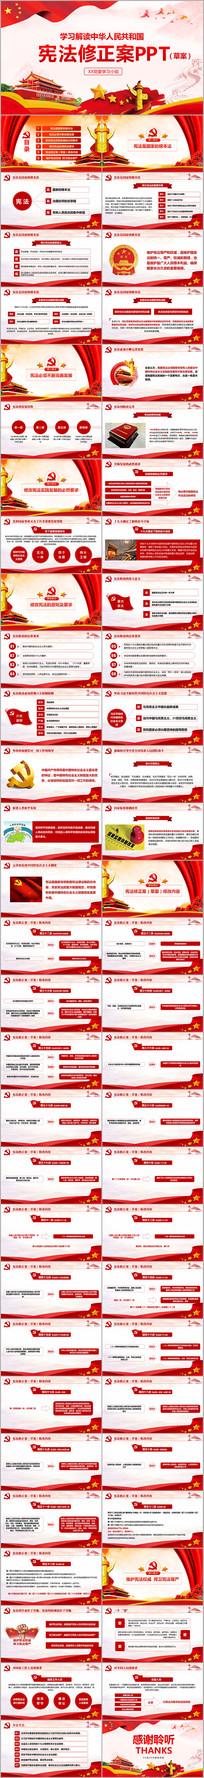 中国宪法修正案解读党建PPT